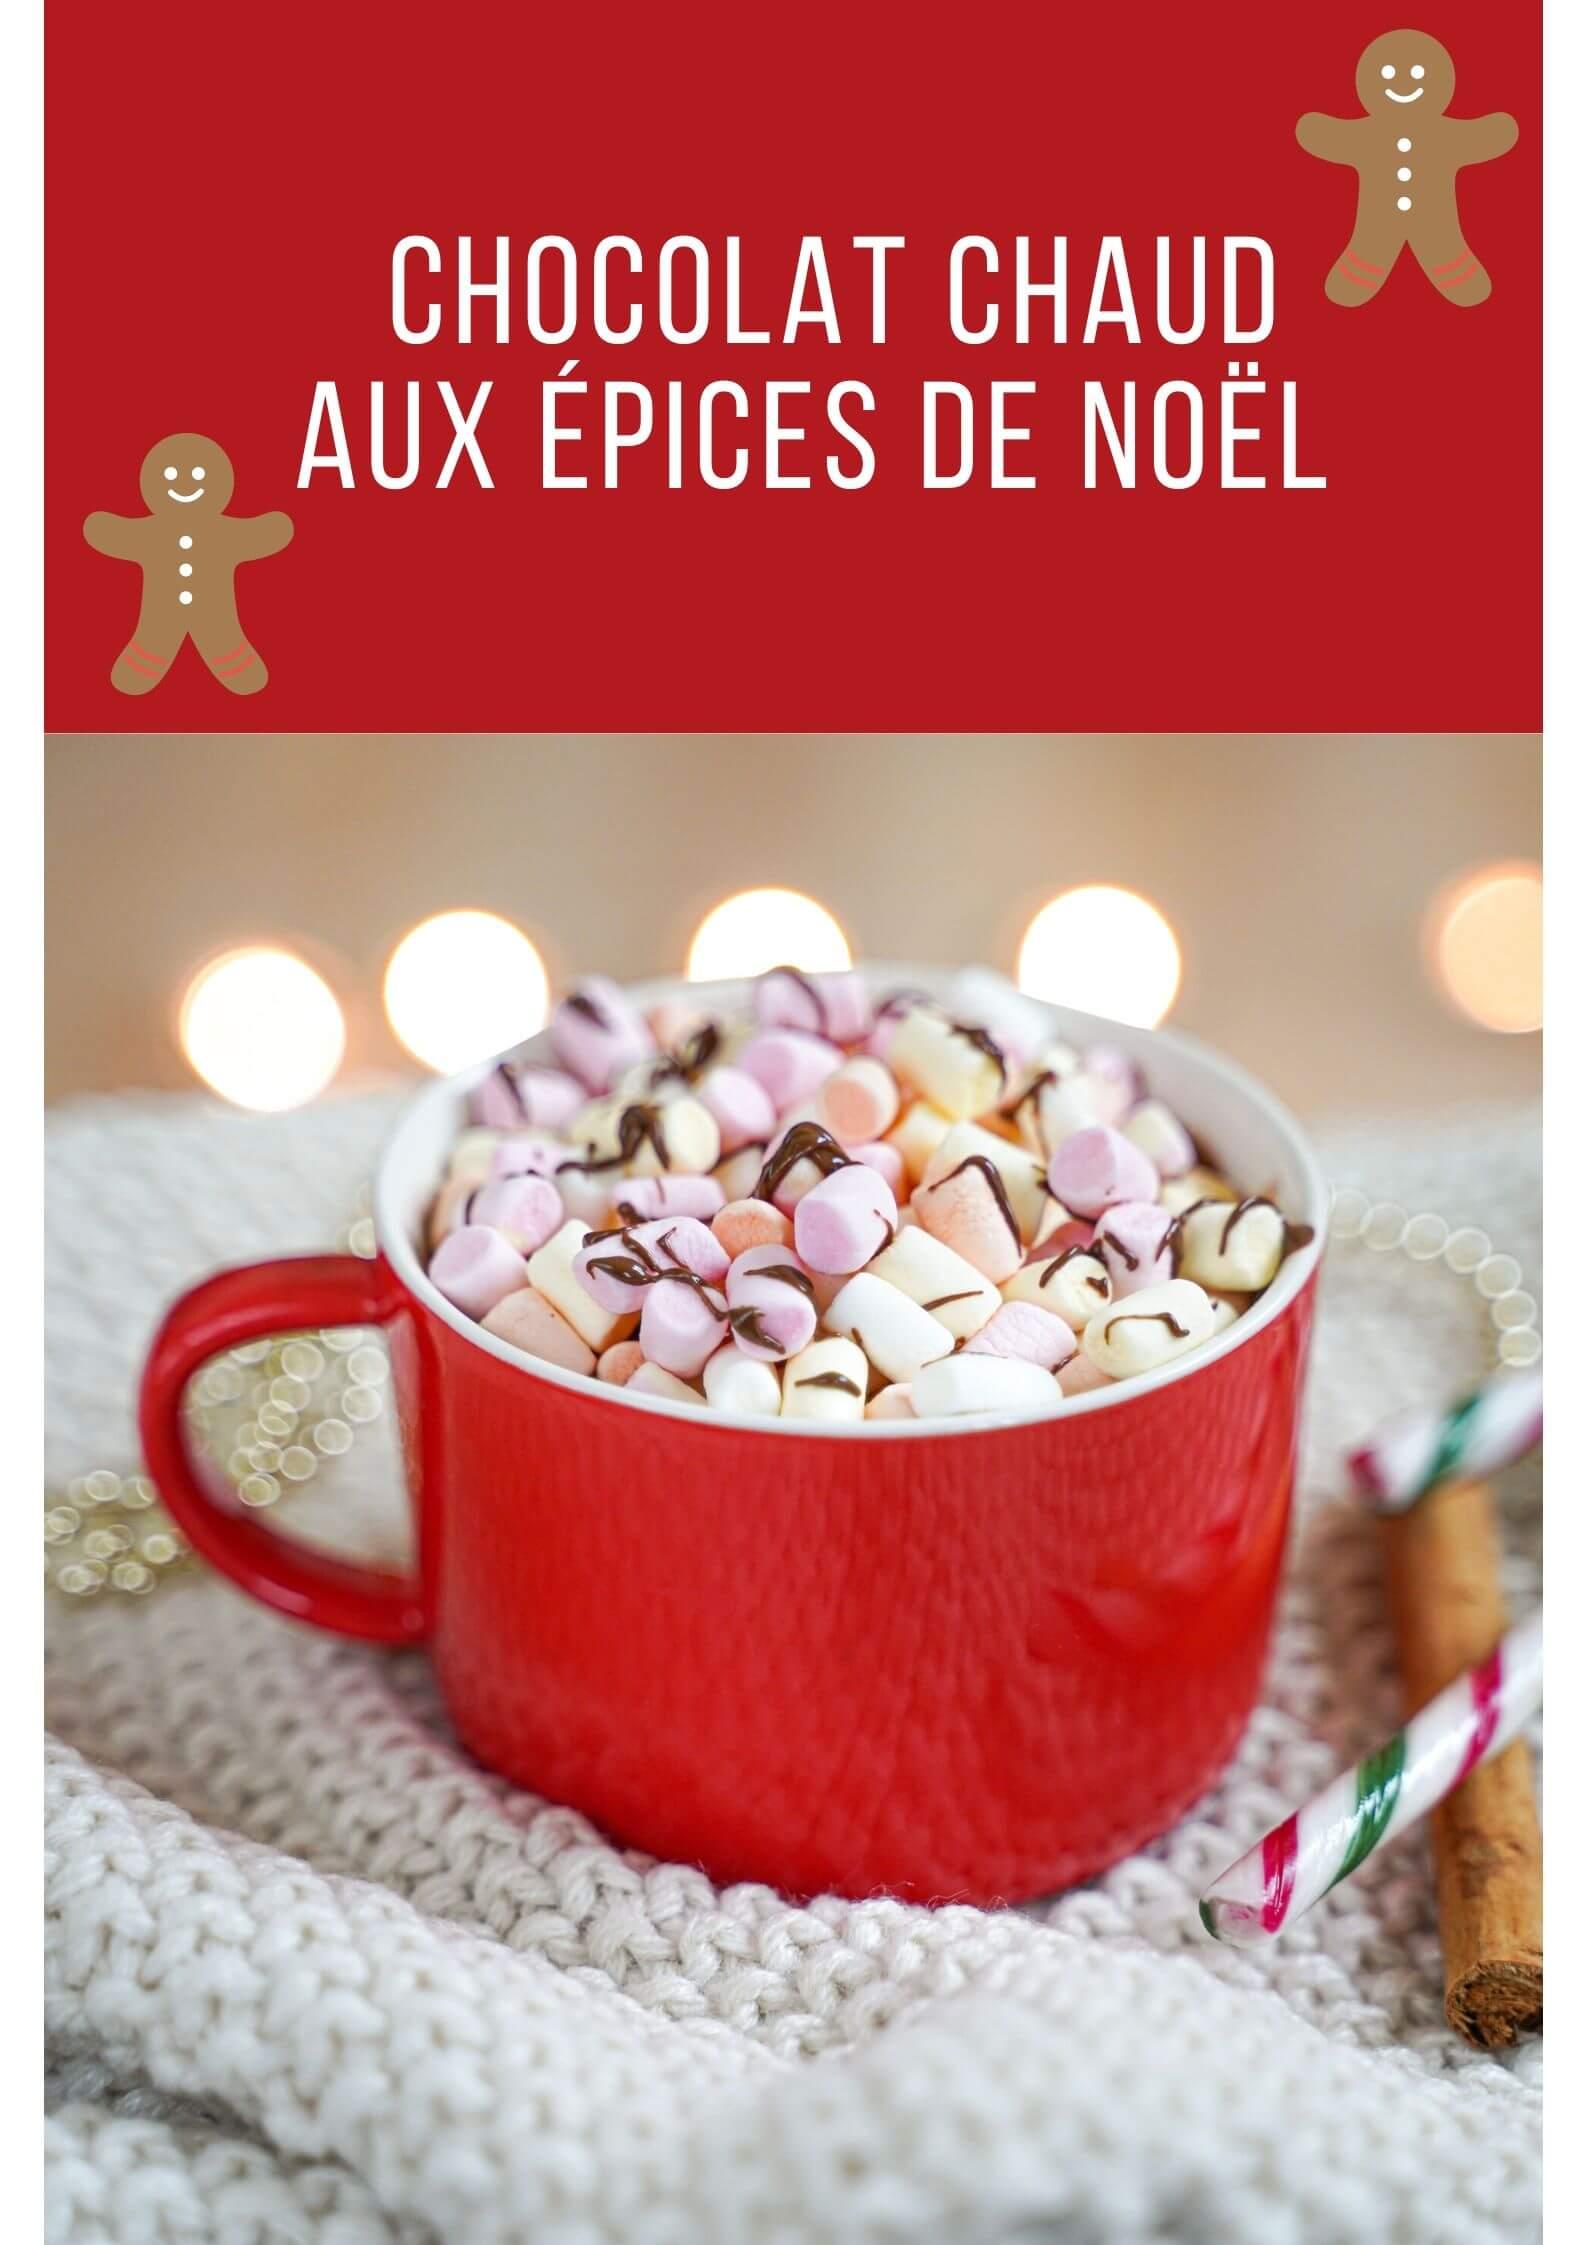 chocolat chaud aux épices de noel